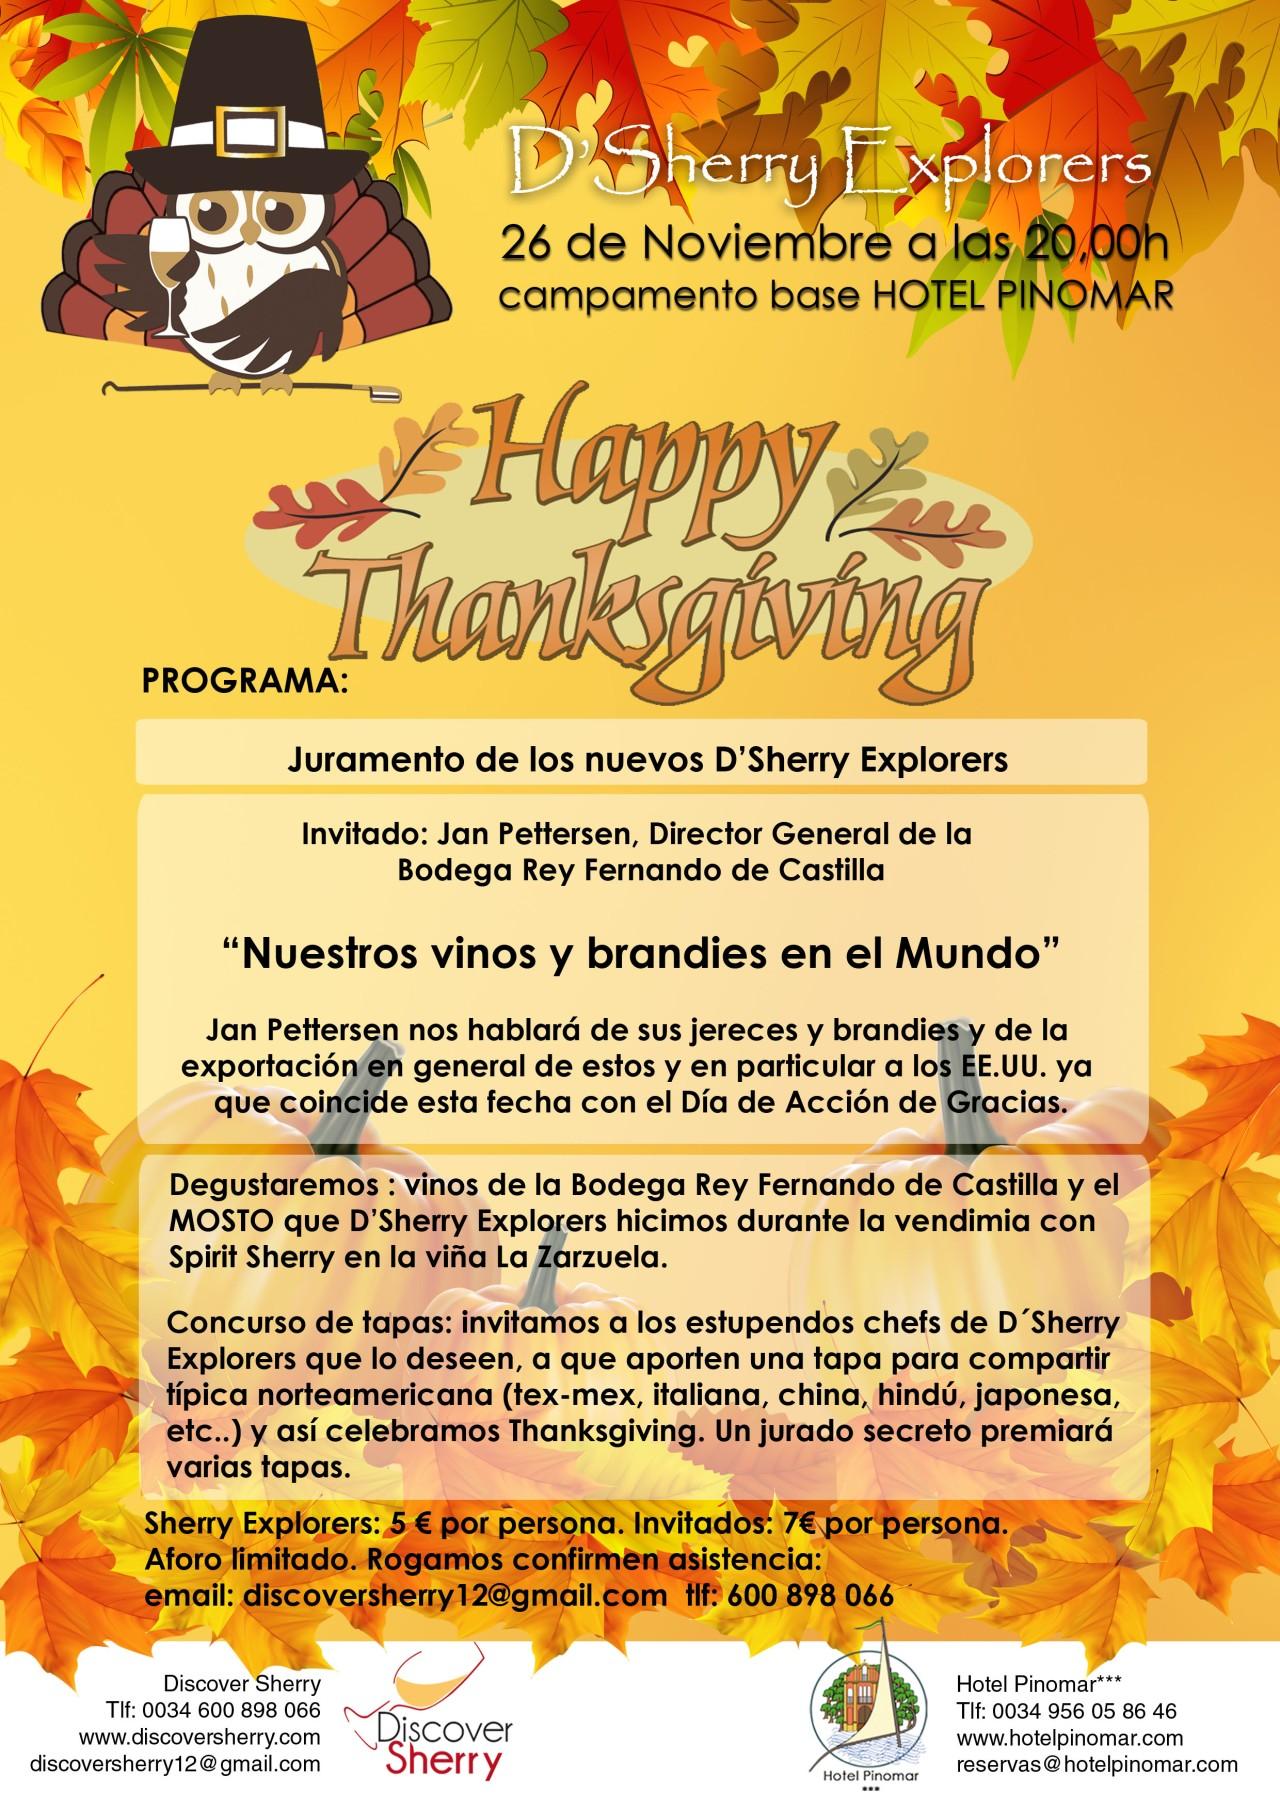 D´Sherry Explorers meeting, on Thanksgiving.  D´Sherry Explorers se reunen el día de Acción deGracias.